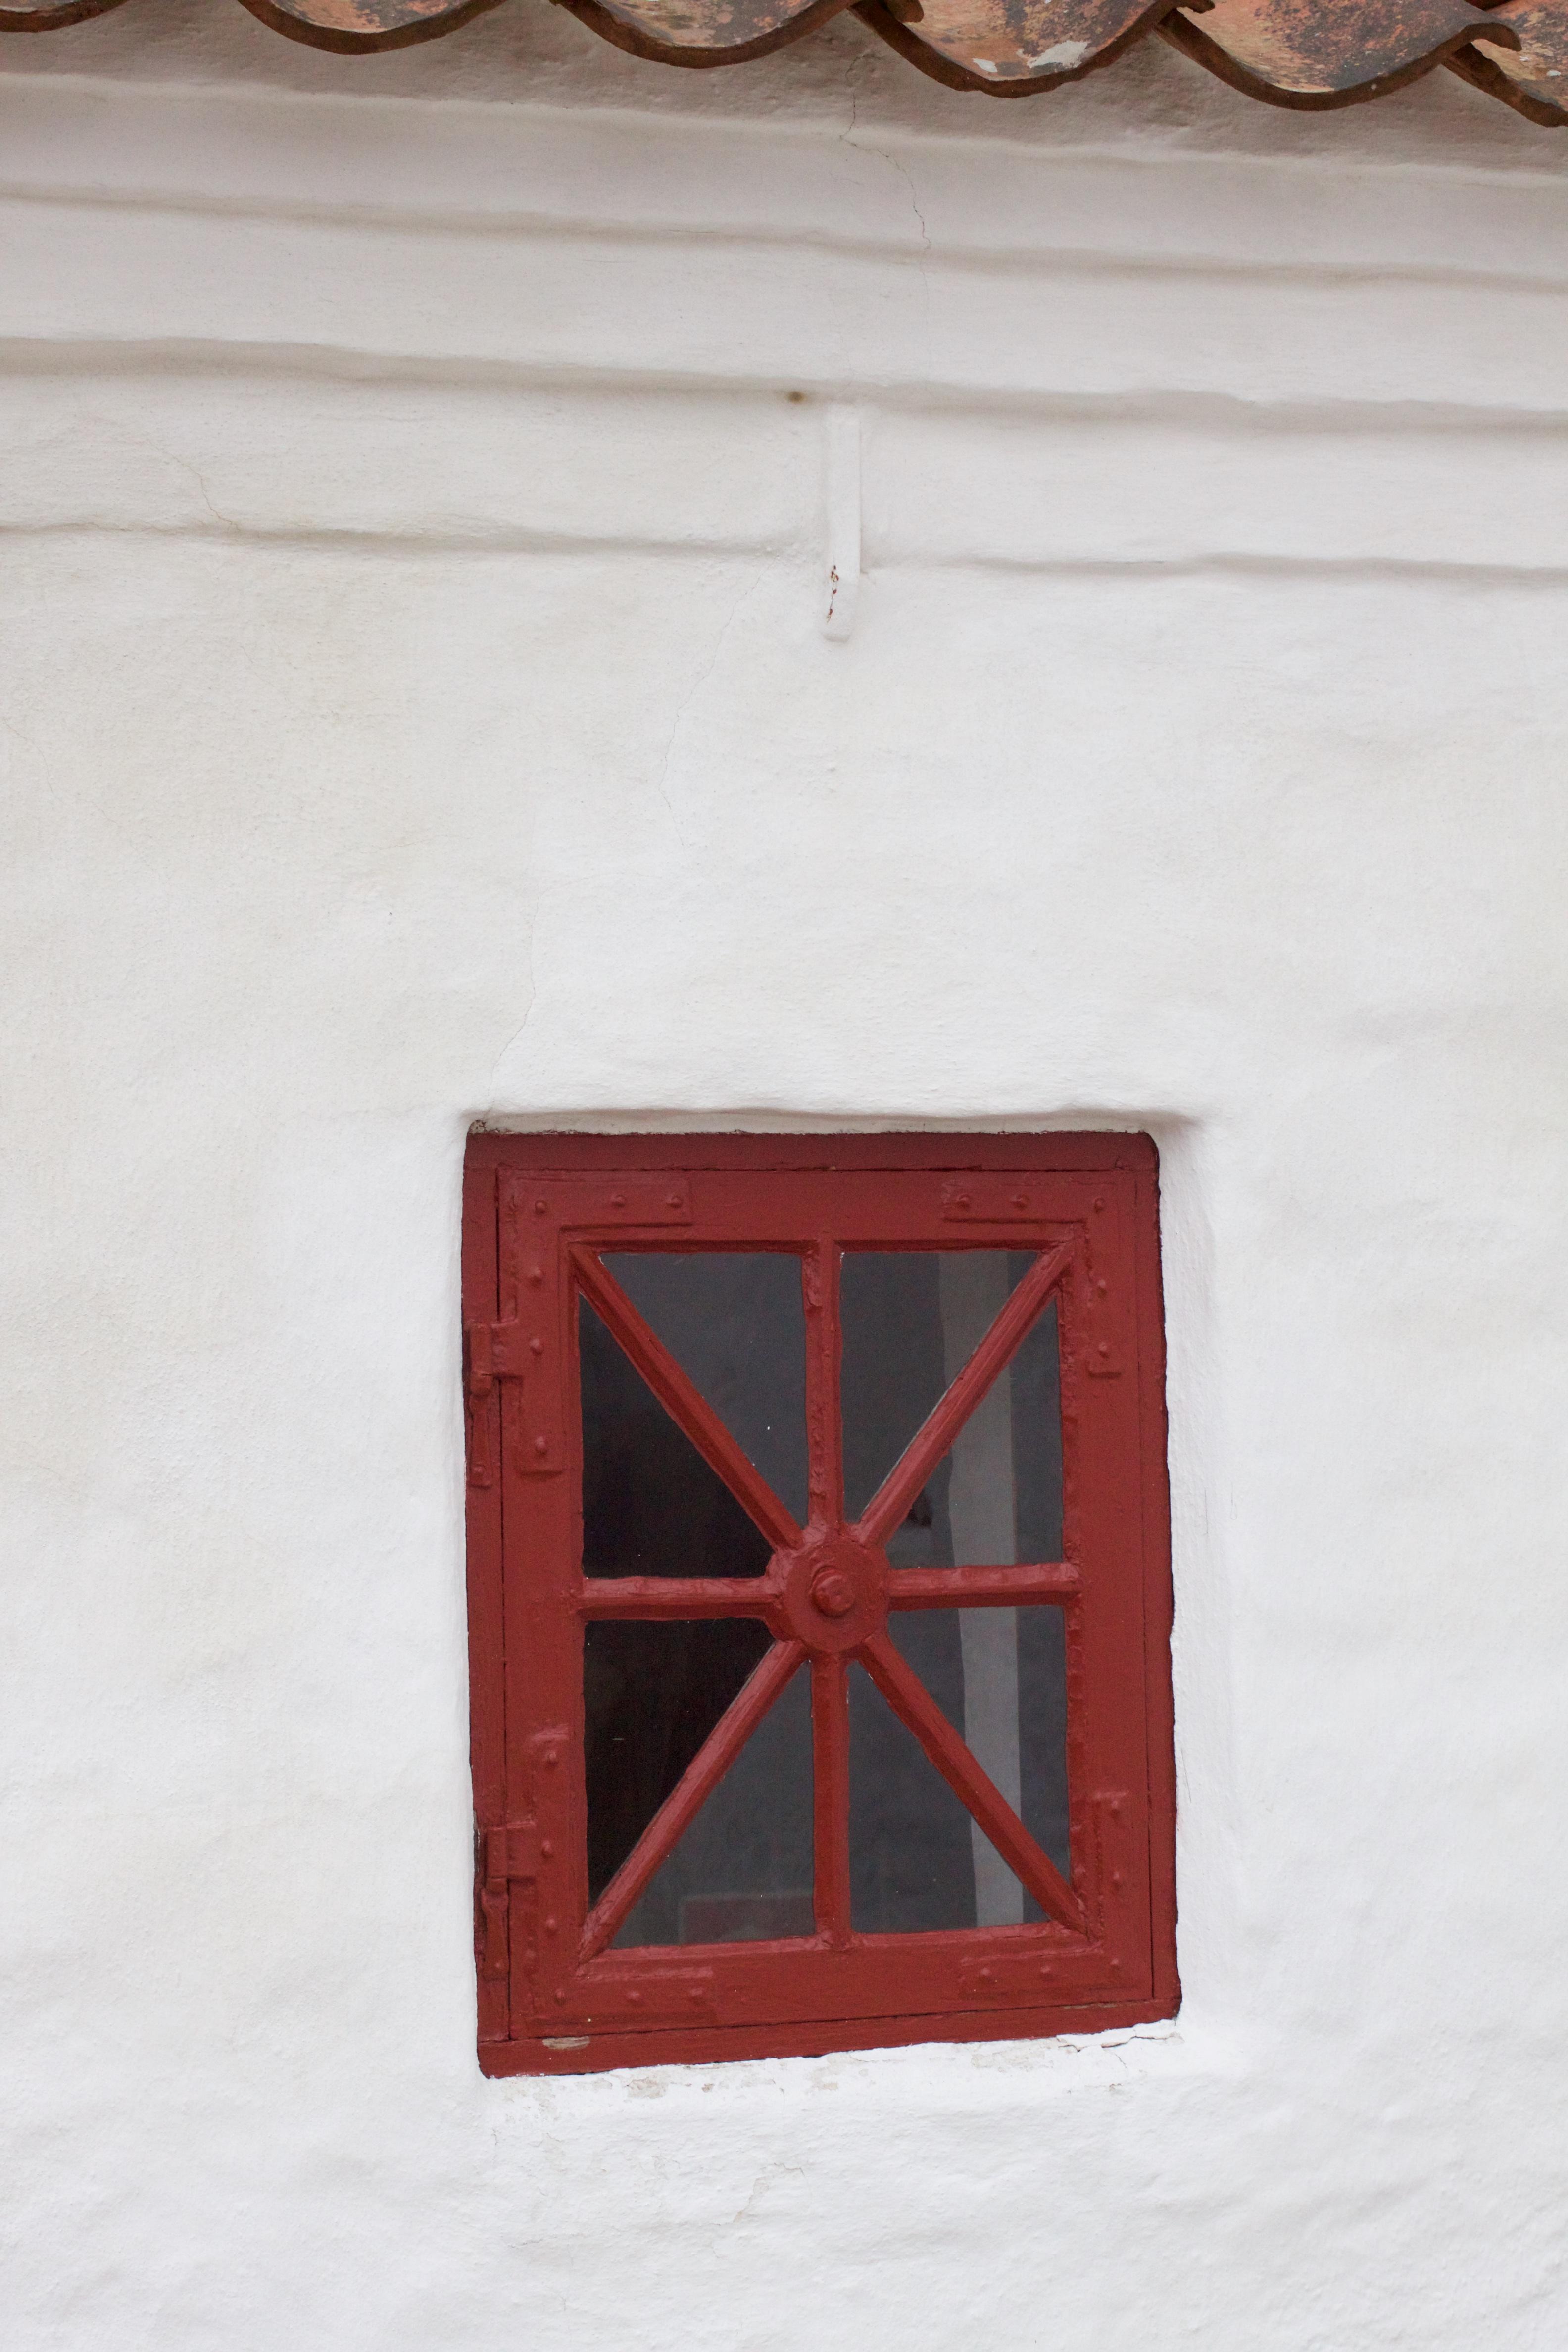 På våbenhusets nordvæg sidder dette skønne, lille vindue.